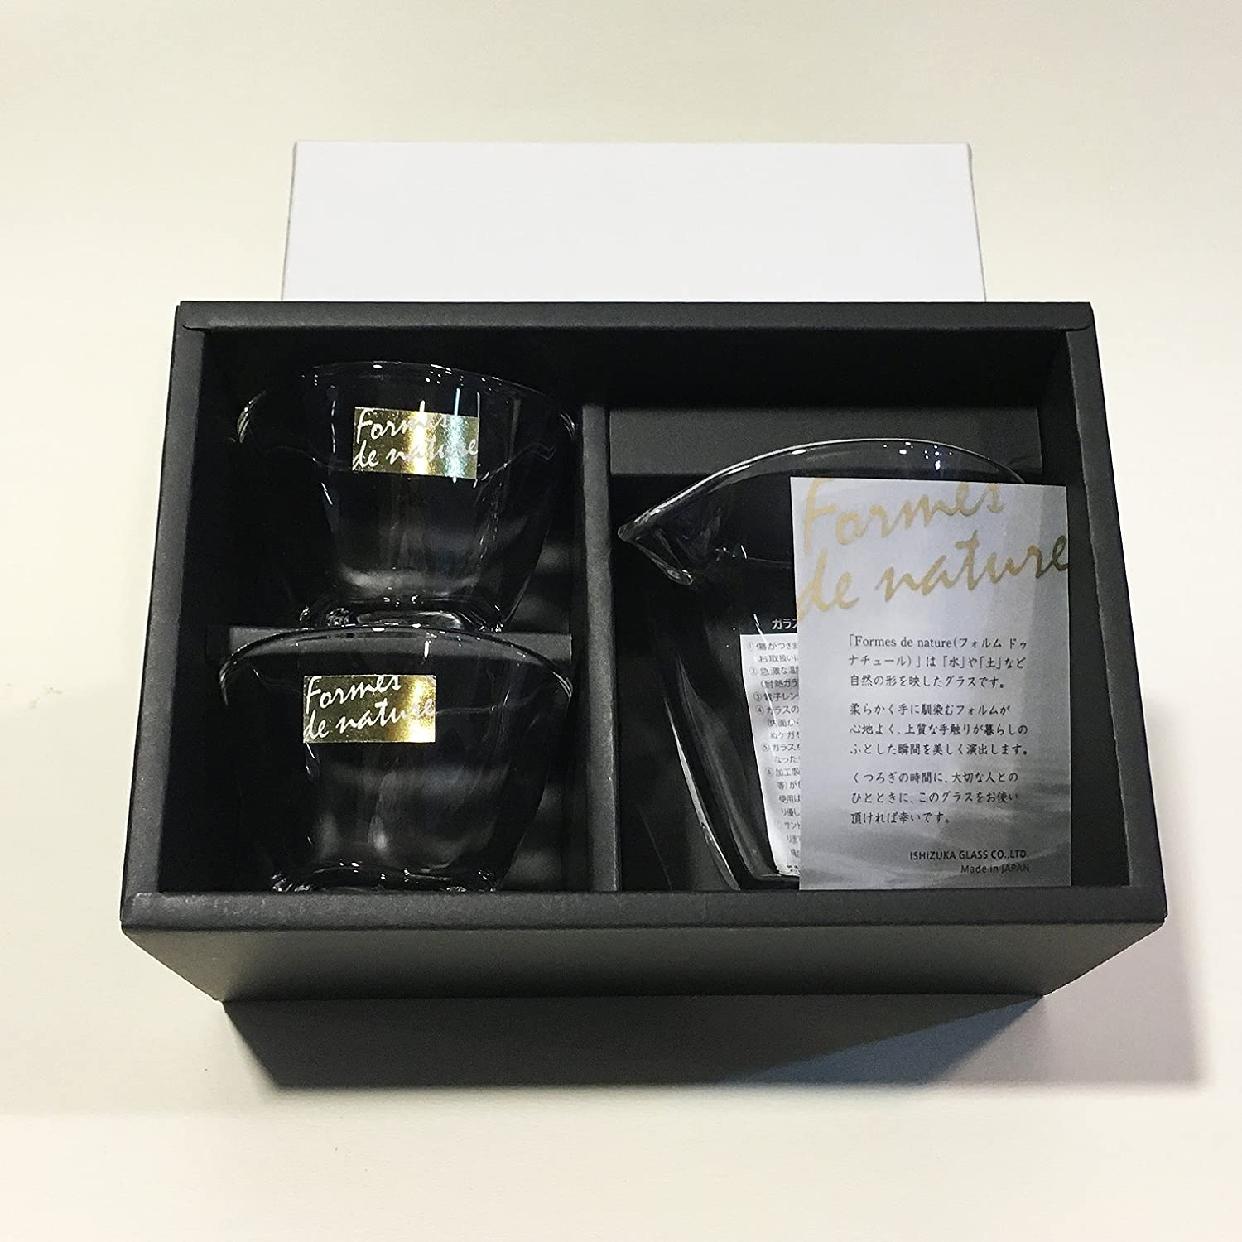 ADERIA(アデリア)Formes de nature 片口冷酒器 S-6202の商品画像5